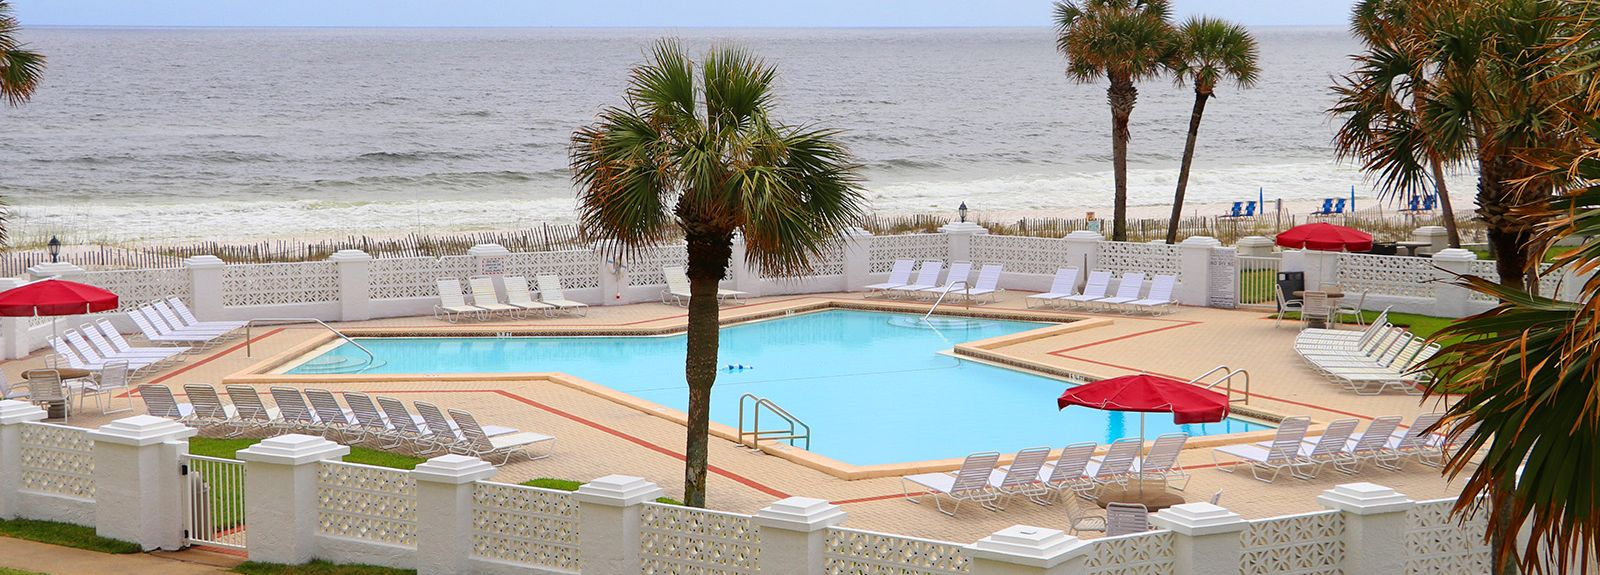 El Matador (Fort Walton Beach, Florida, United States)